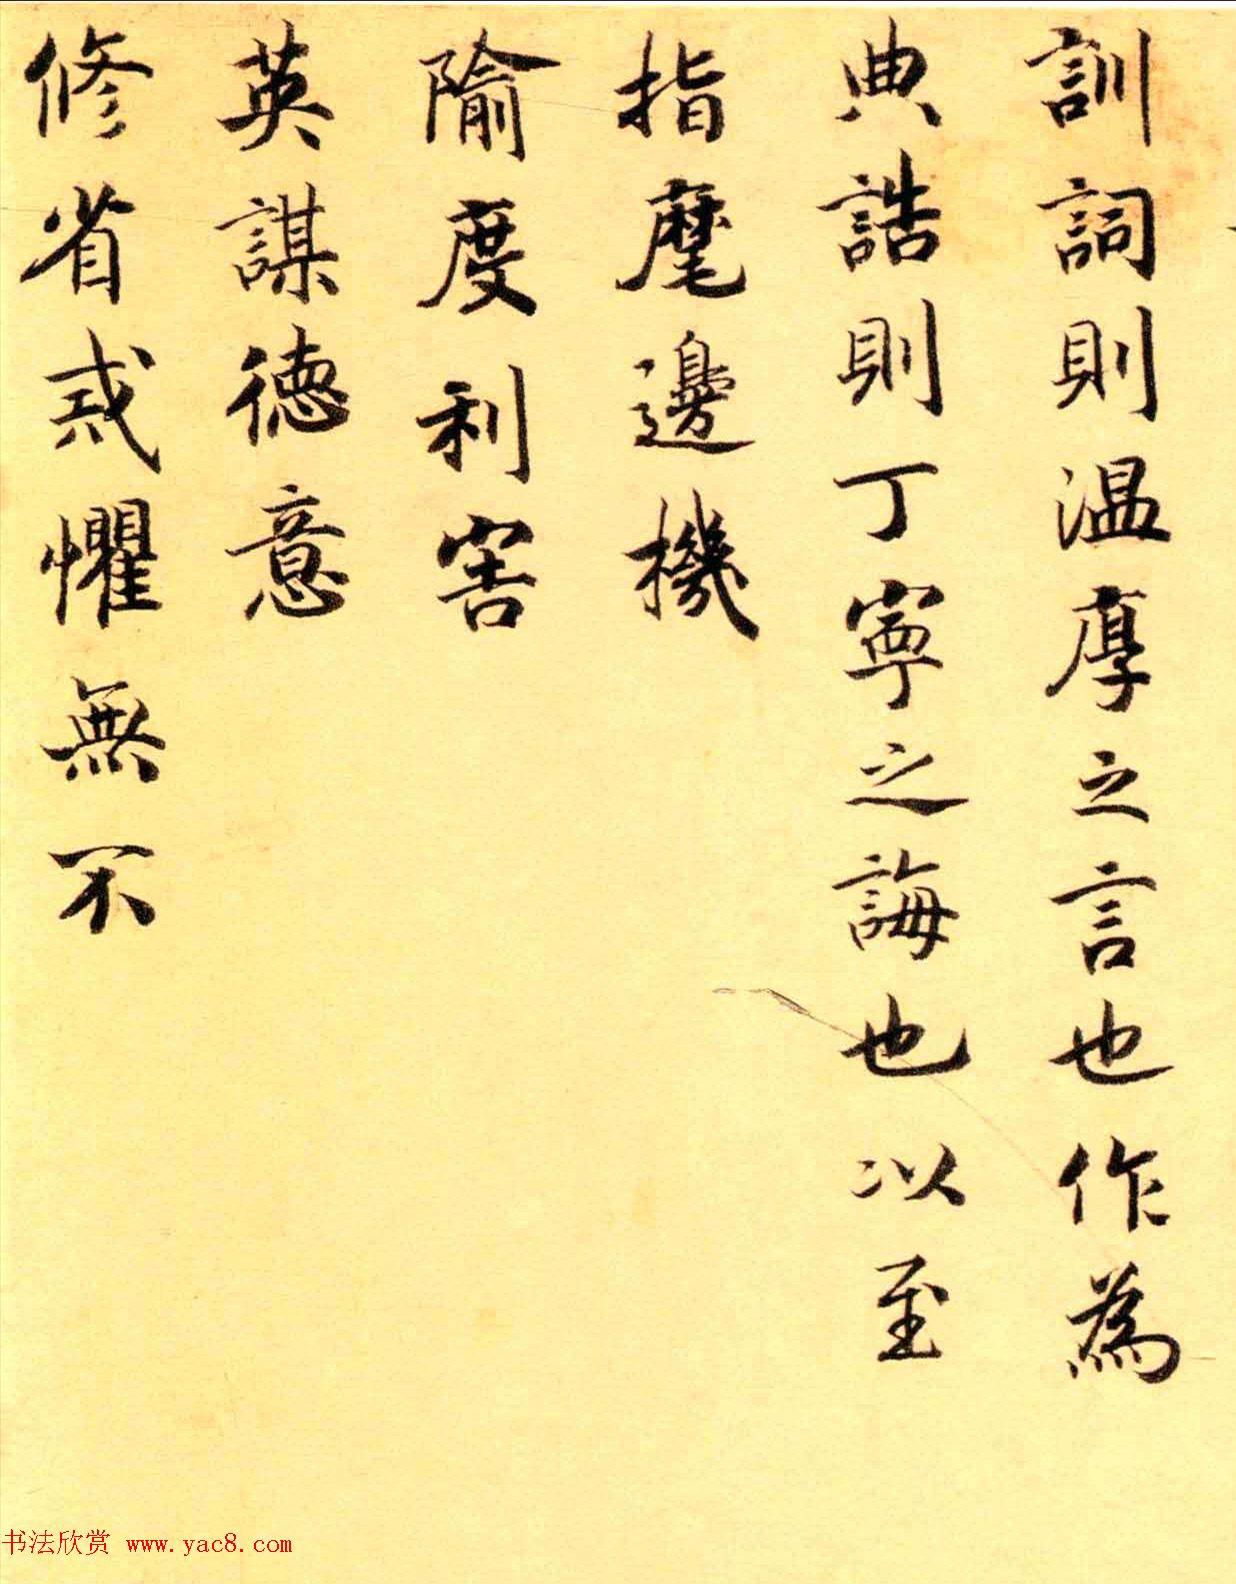 赵构楷书《徽宗文集序》附文徵明父子三人题跋